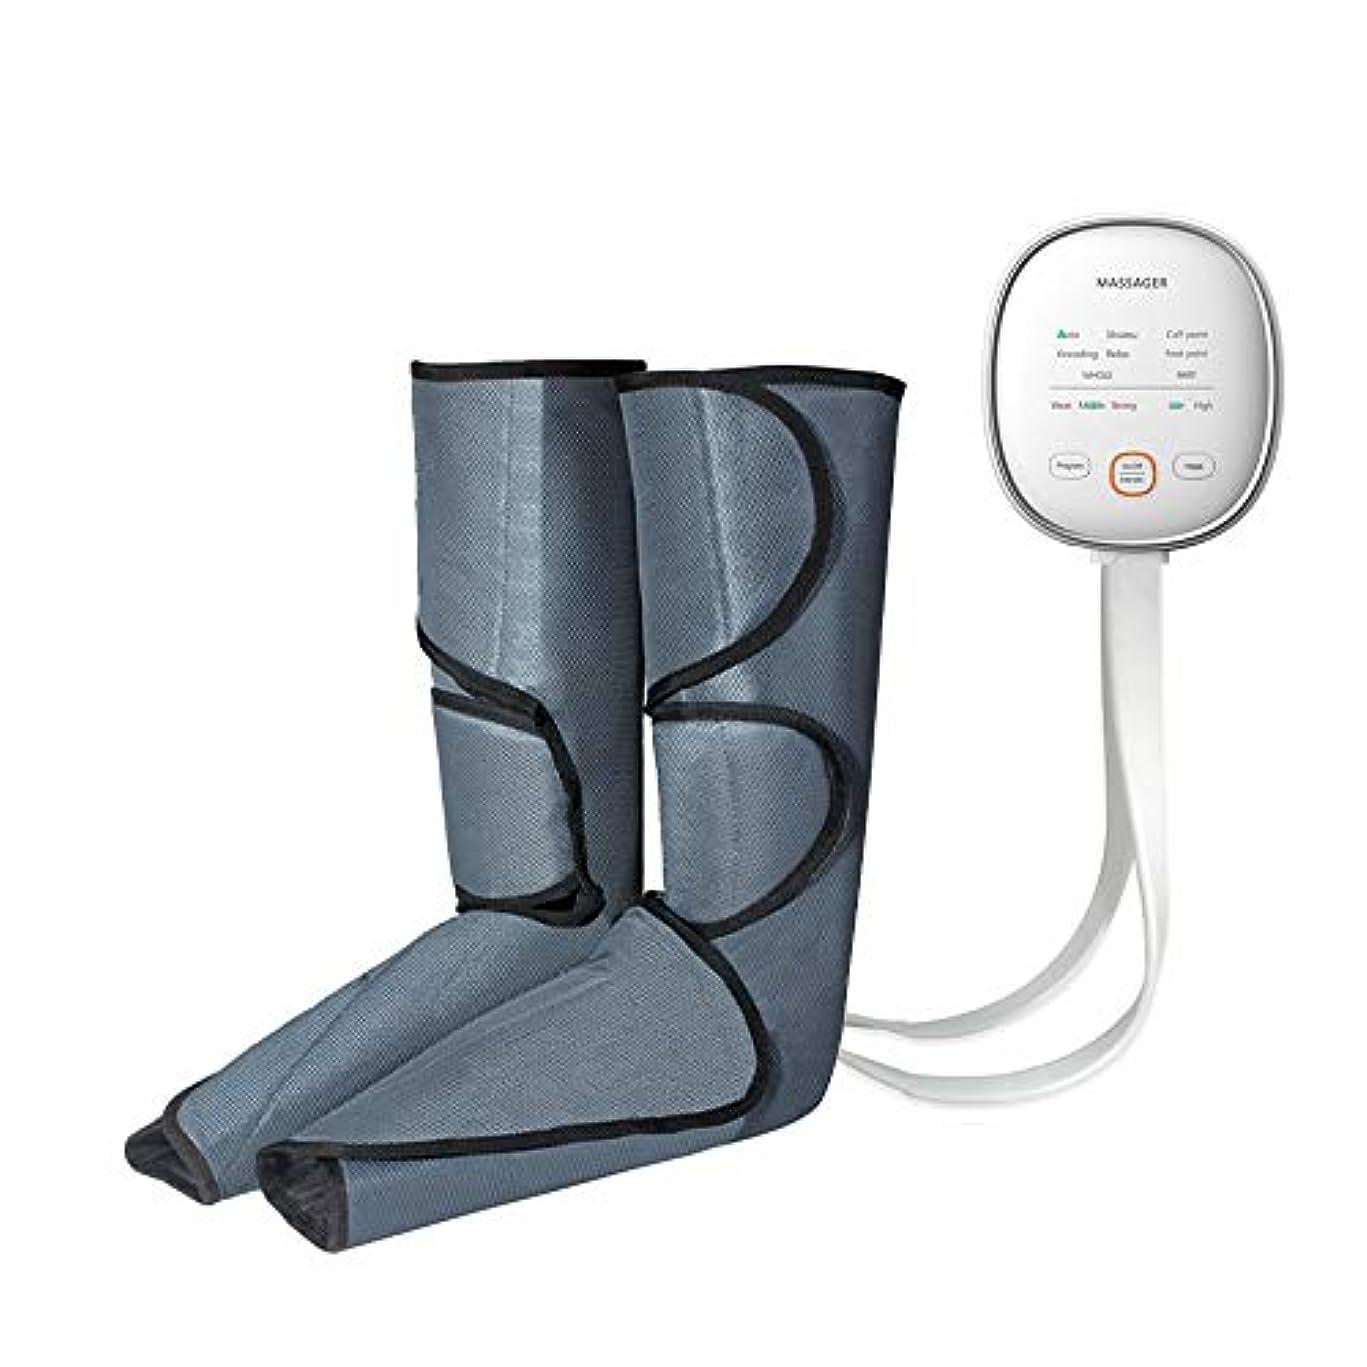 ダーツ溶けた上院フットマッサージャー エアーマッサージャー器 足とふくらはぎマッサージ 温感機能 3つ段階の強さ フット空気圧縮マッサージ 血行の促進 疲労回復